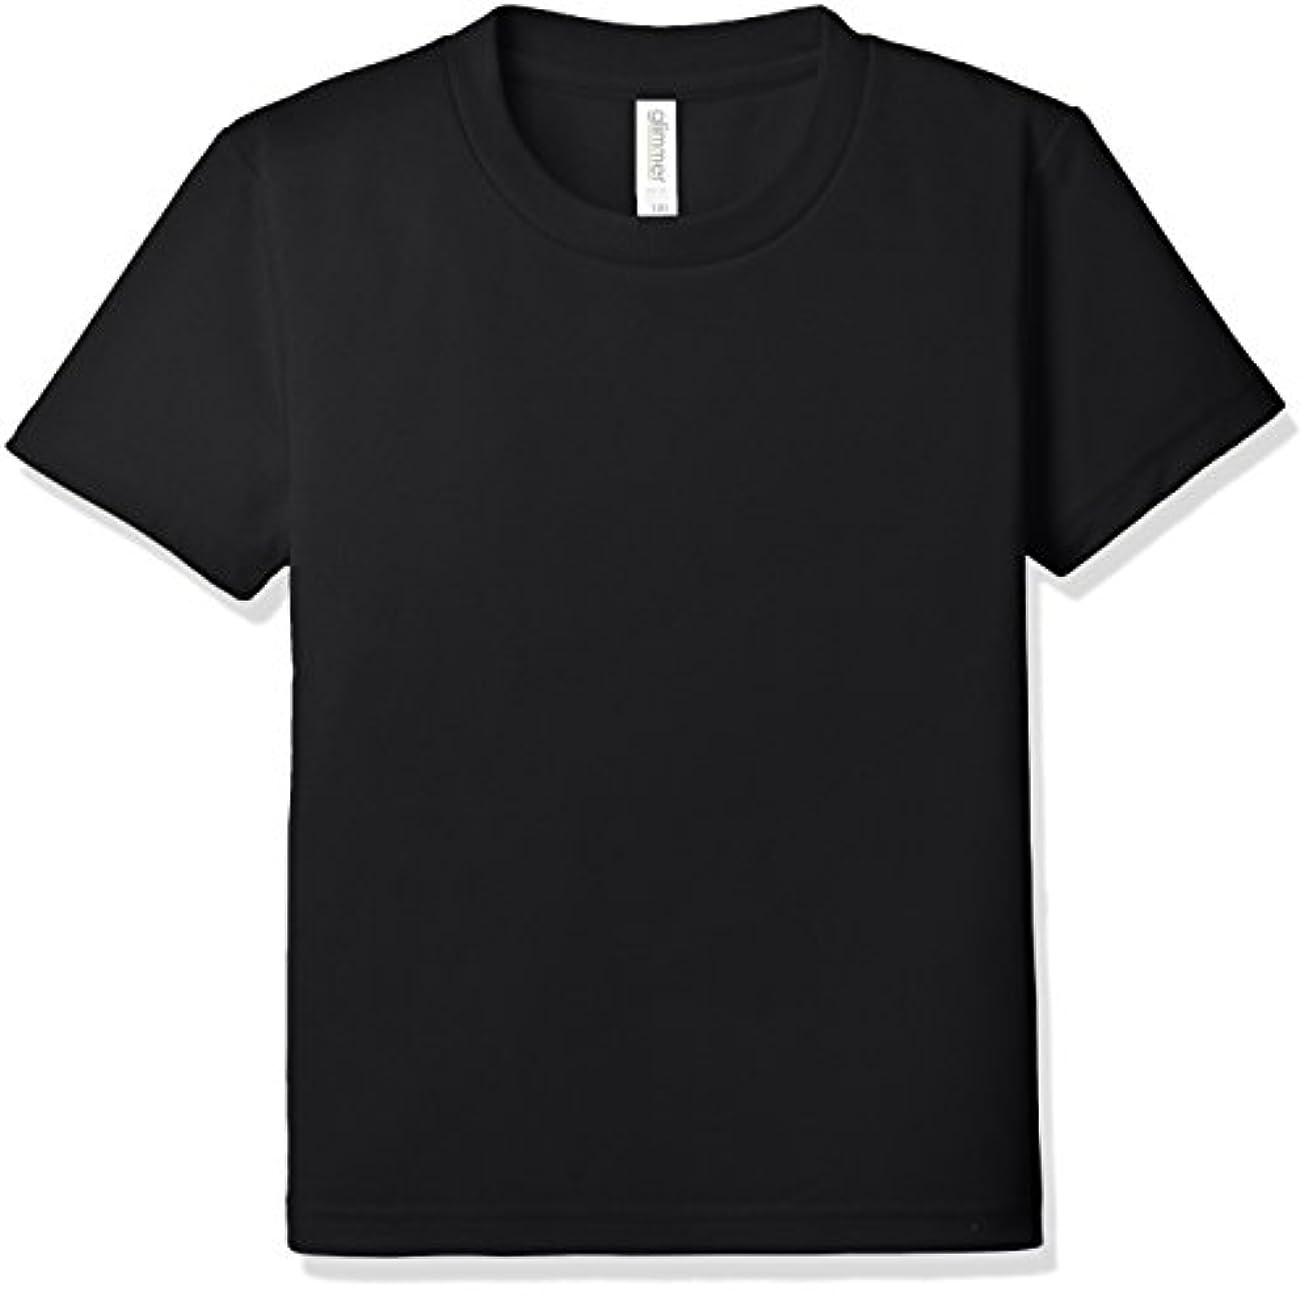 亜熱帯獲物接続[グリマー] アウトドアウェア 4.4oz ドライTシャツ (クルーネック) 00300-ACT_K